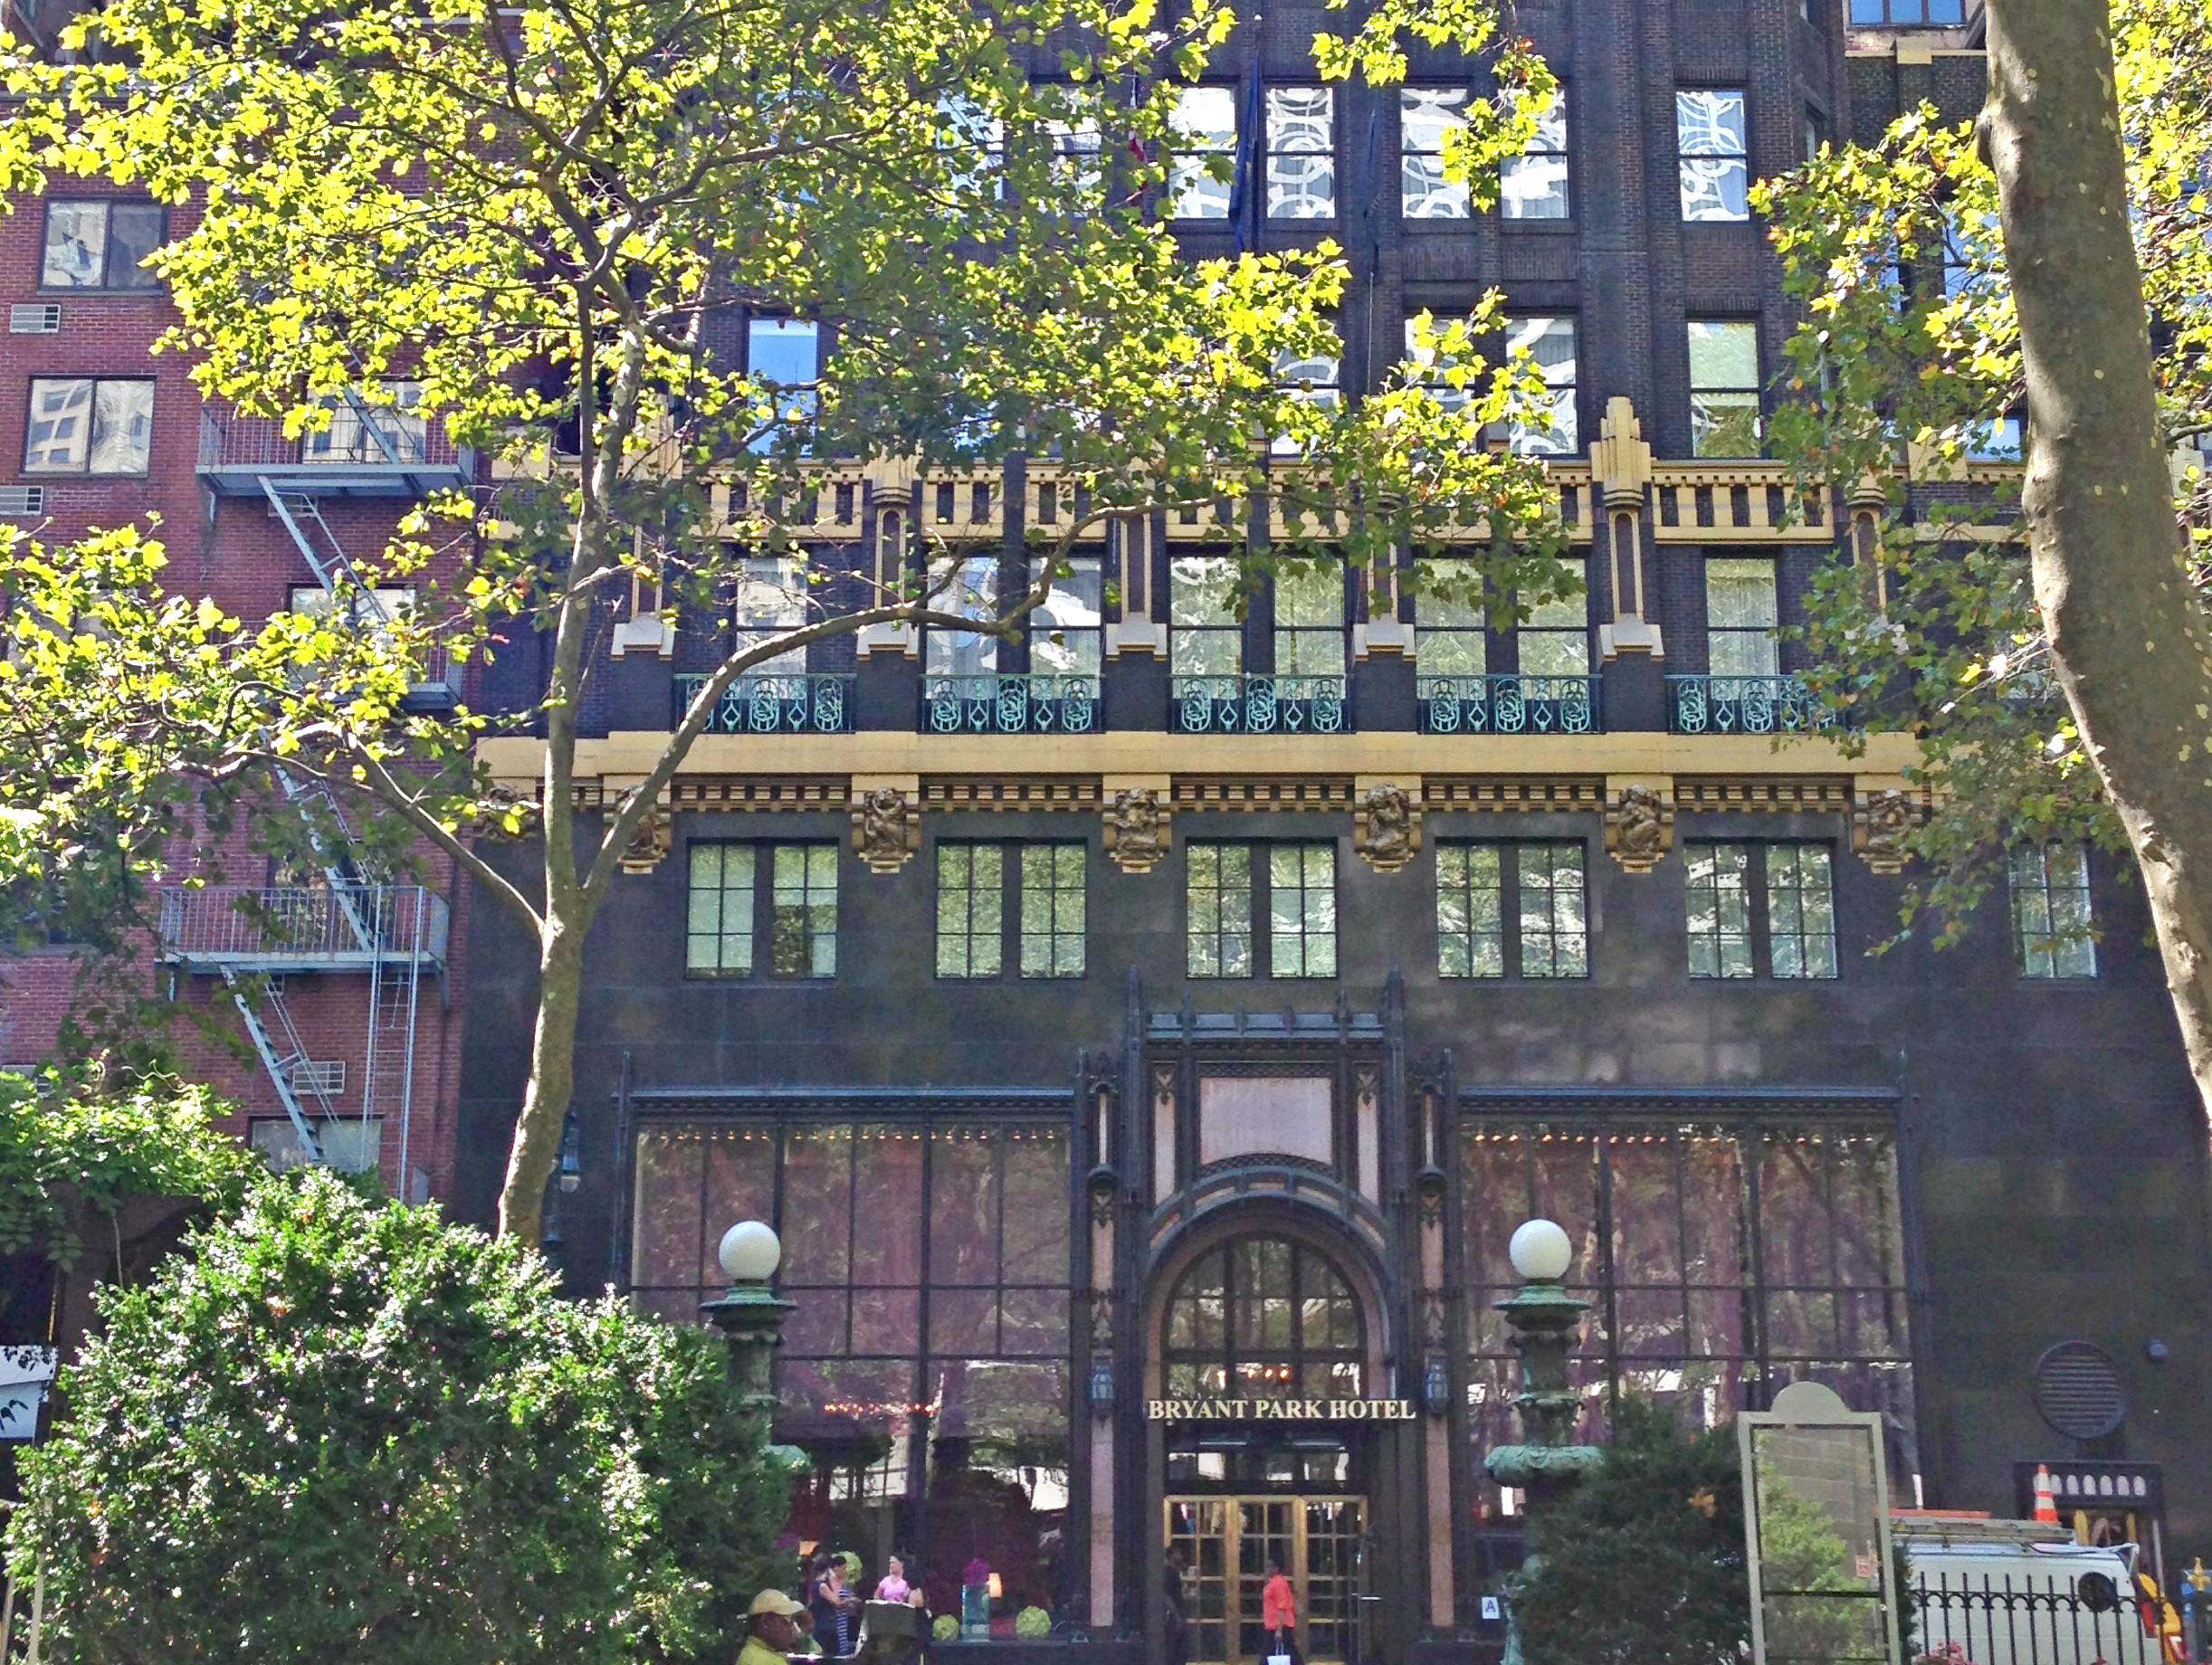 New York Bryant Park Hotel Beitrag Bild 3